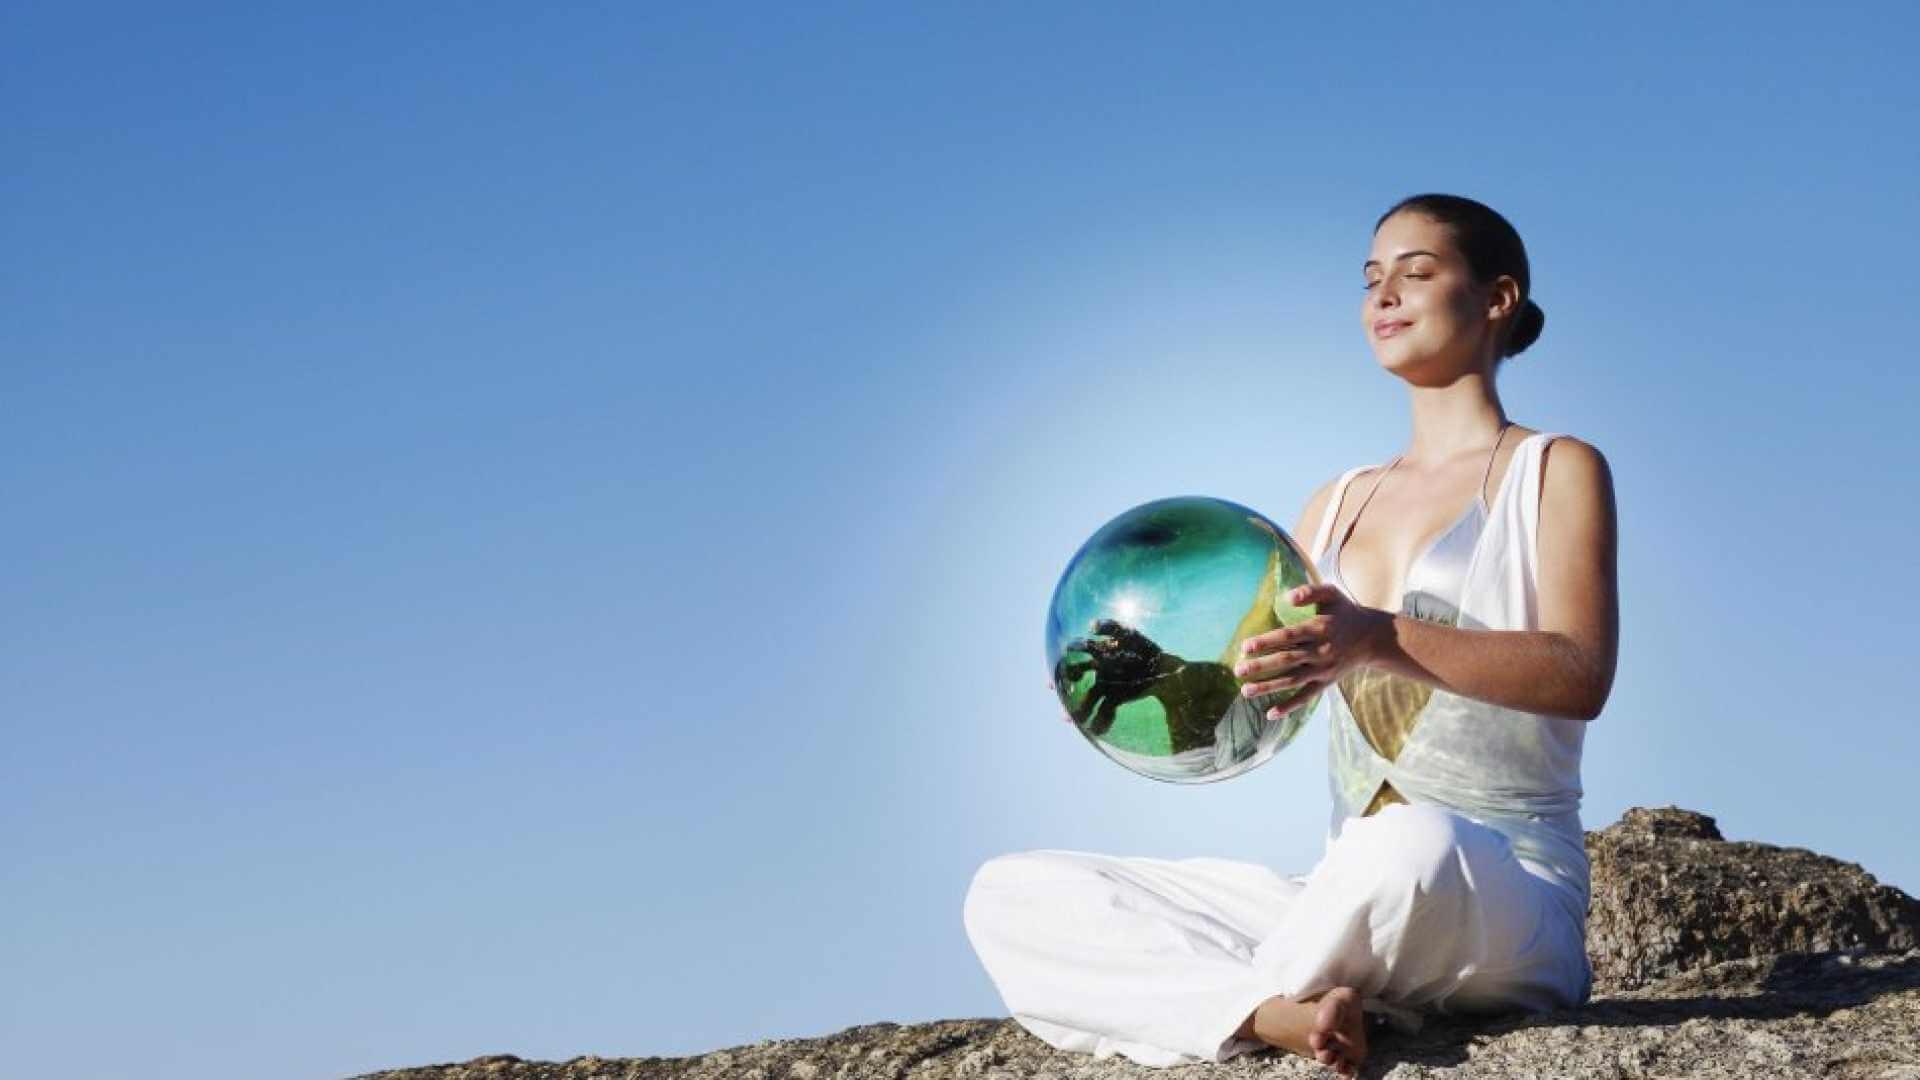 Очень сильная техника медитации осознания | | управление судьбой